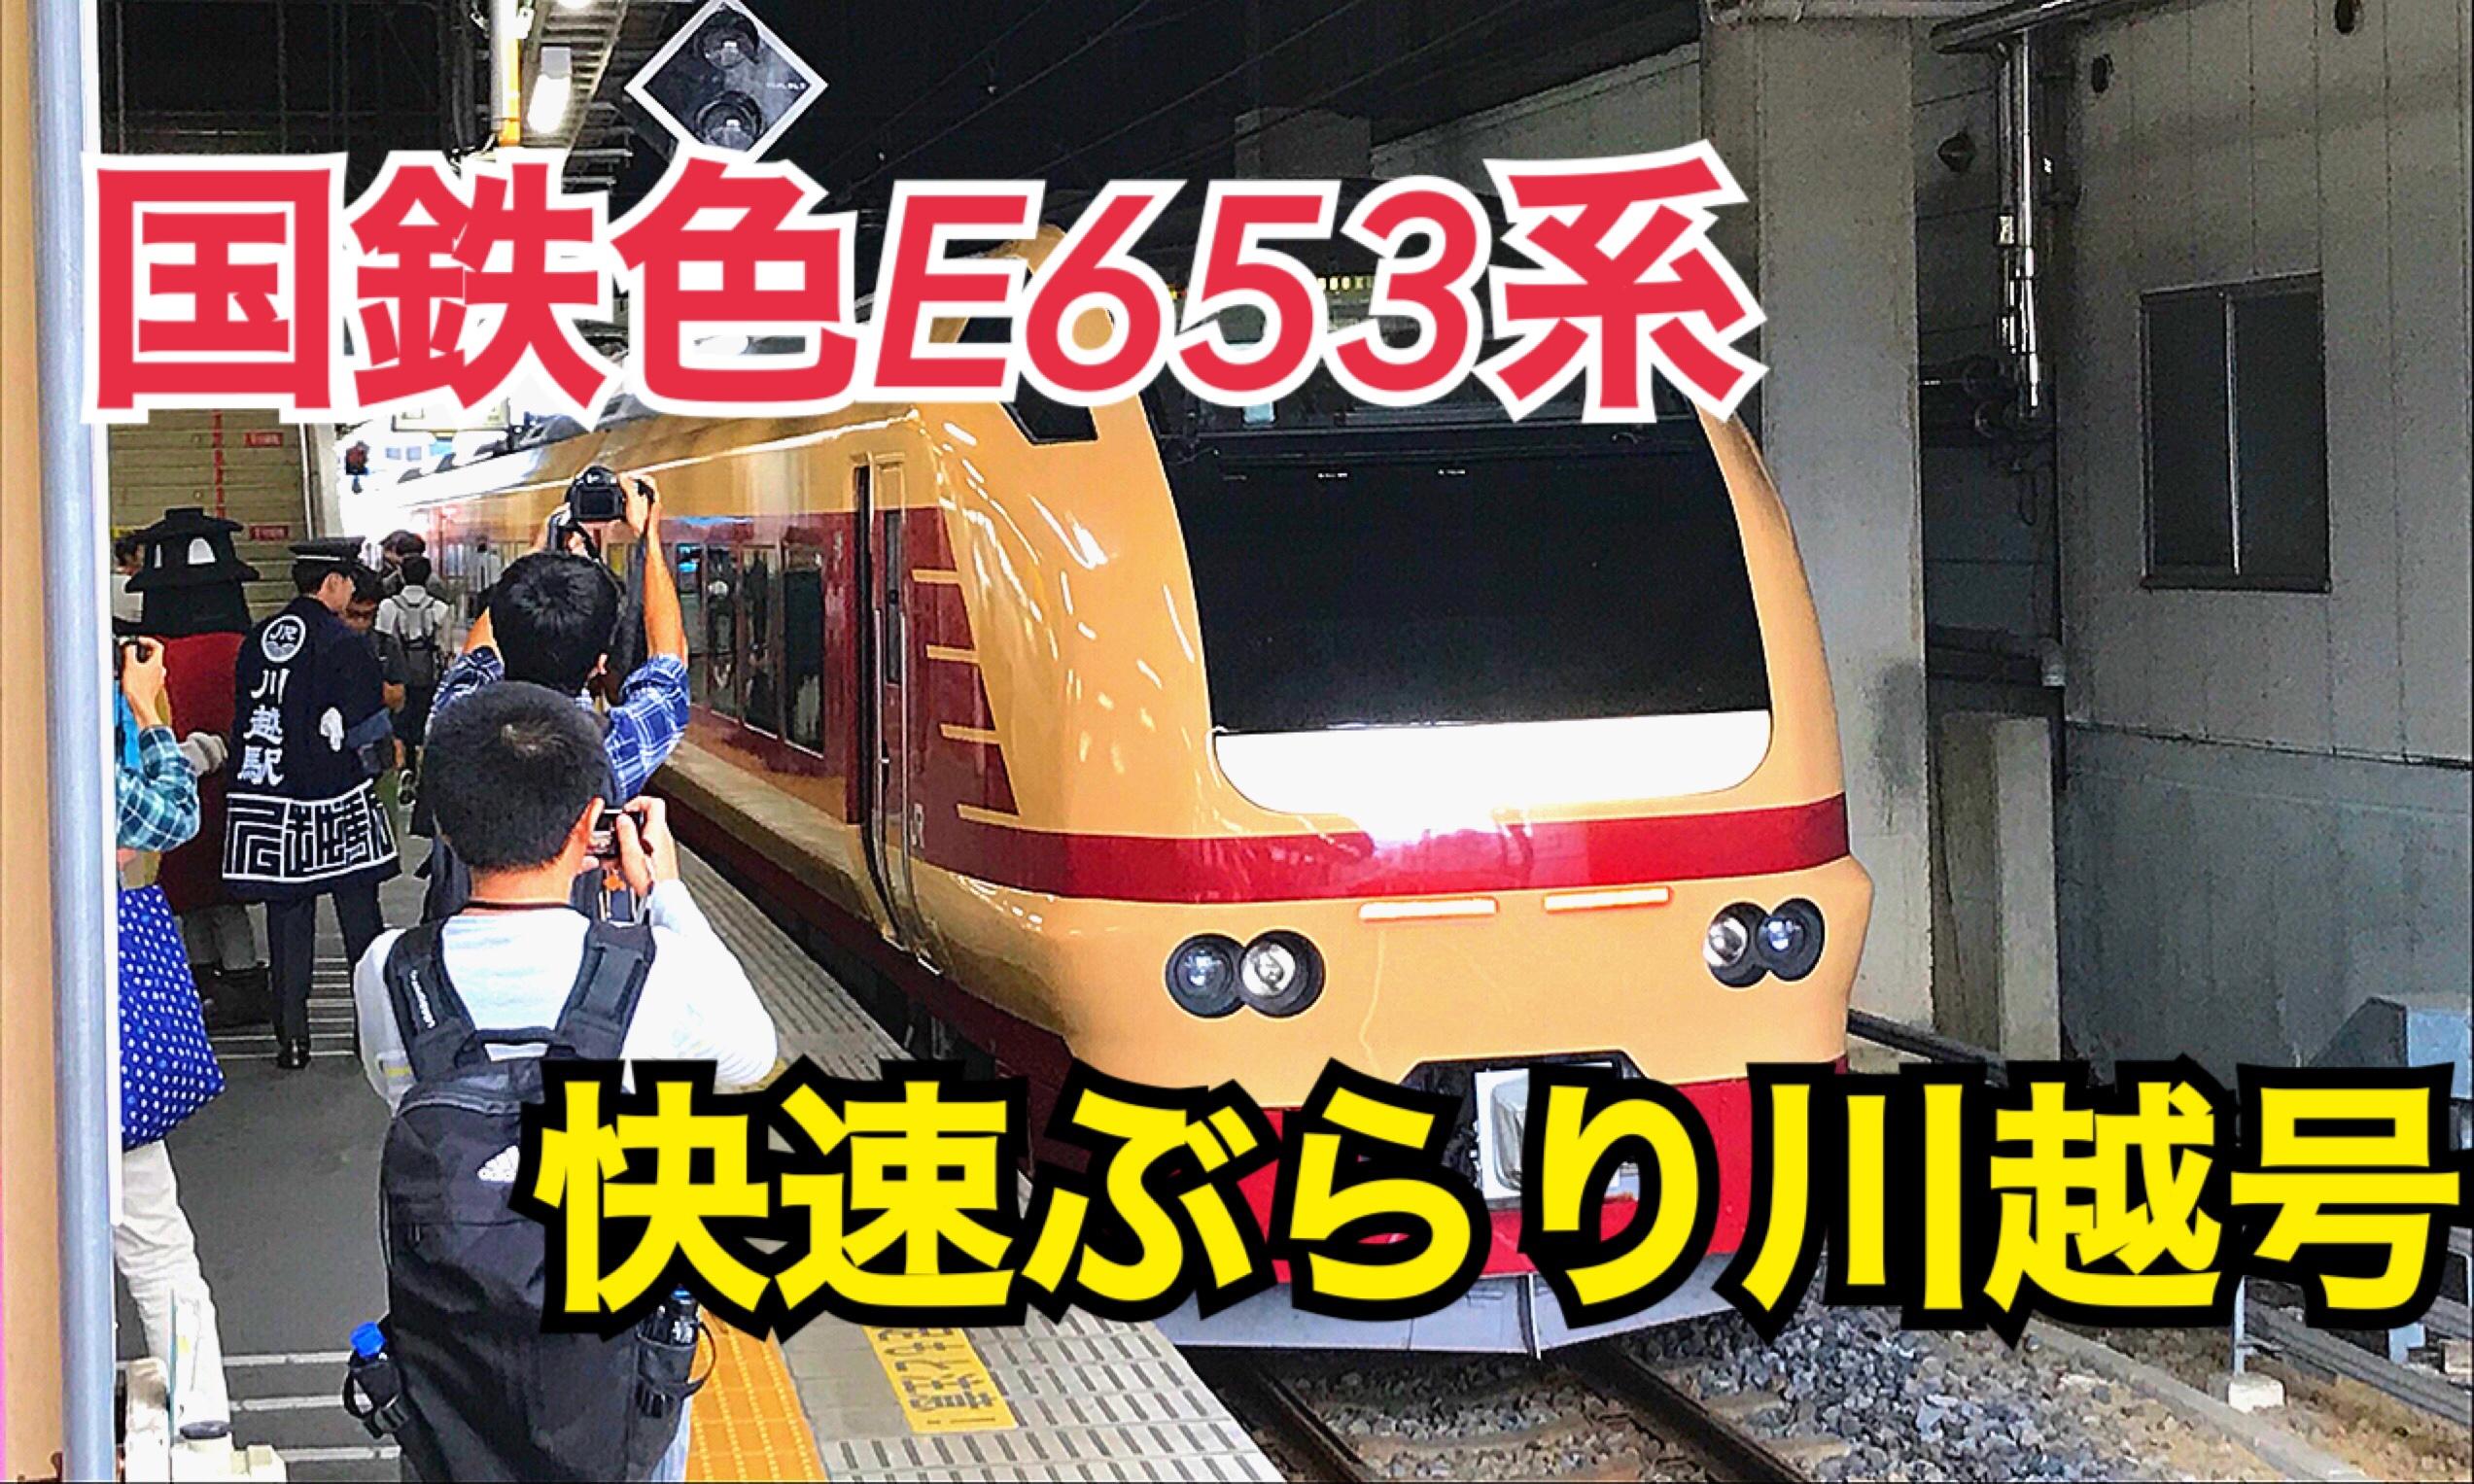 臨時快速ぶらり川越号に乗ってきた! 国鉄色E653系の旅【茨城ひたち旅】